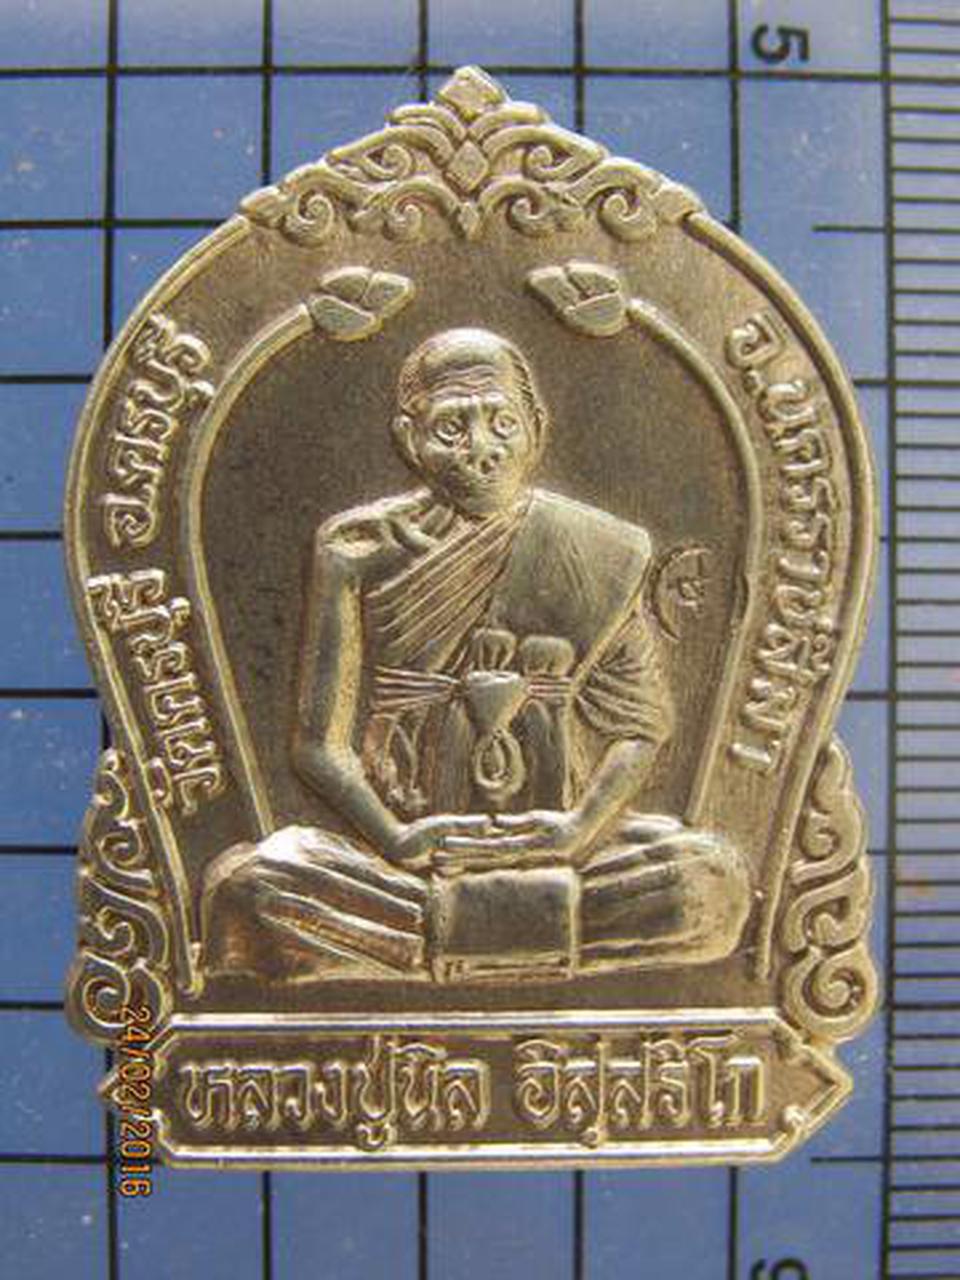 3183 เหรียญเสมาเนื้ออัลปาก้า หลวงปู่นิล อิสสริโก หลังยันต์ดว รูปที่ 6